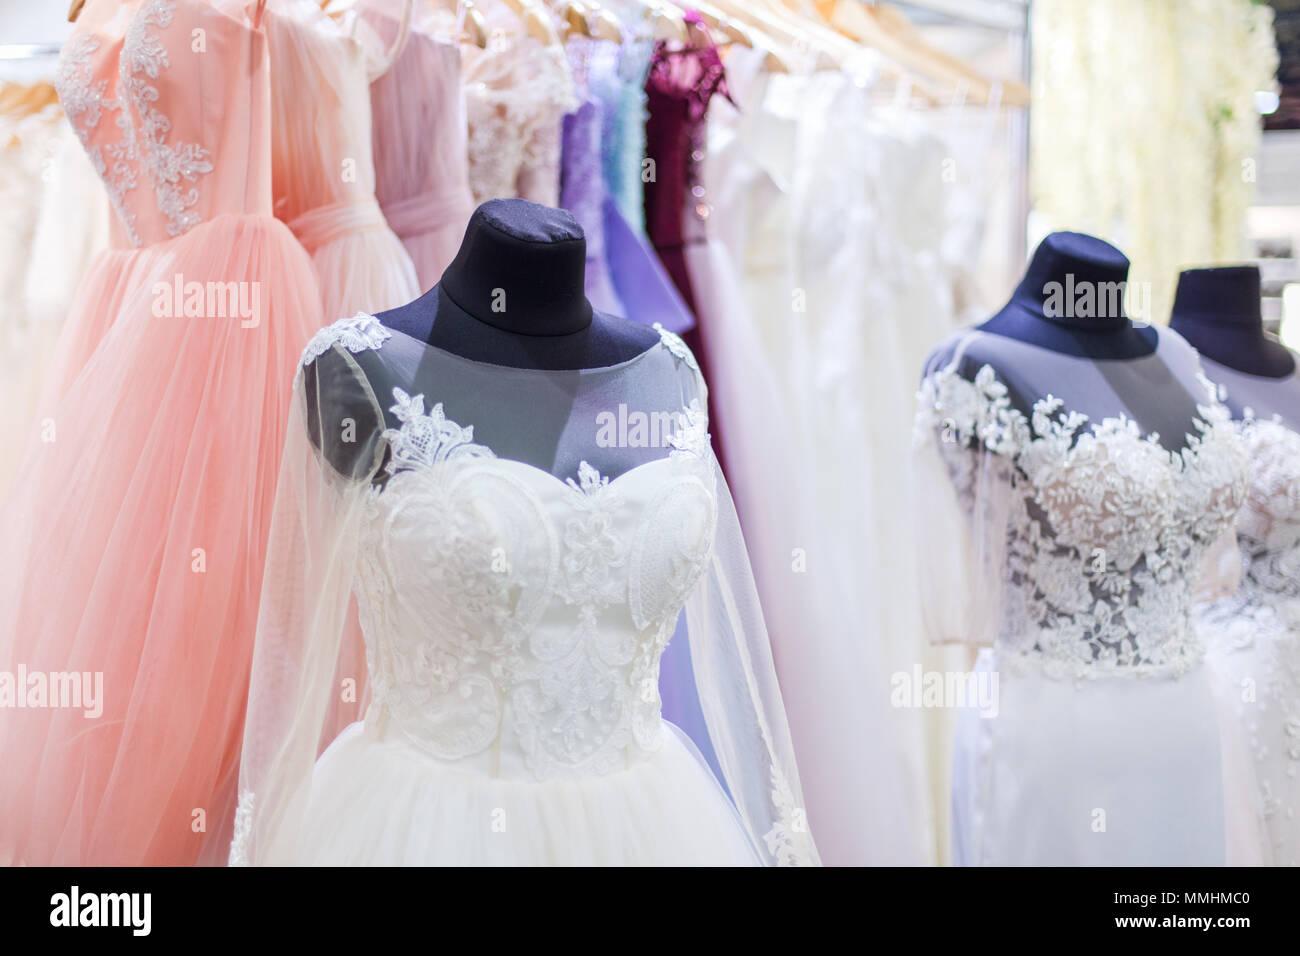 655e0460aa0 Maniquíes con hermoso blanco vestidos de novia en la tienda. Imagen De Stock